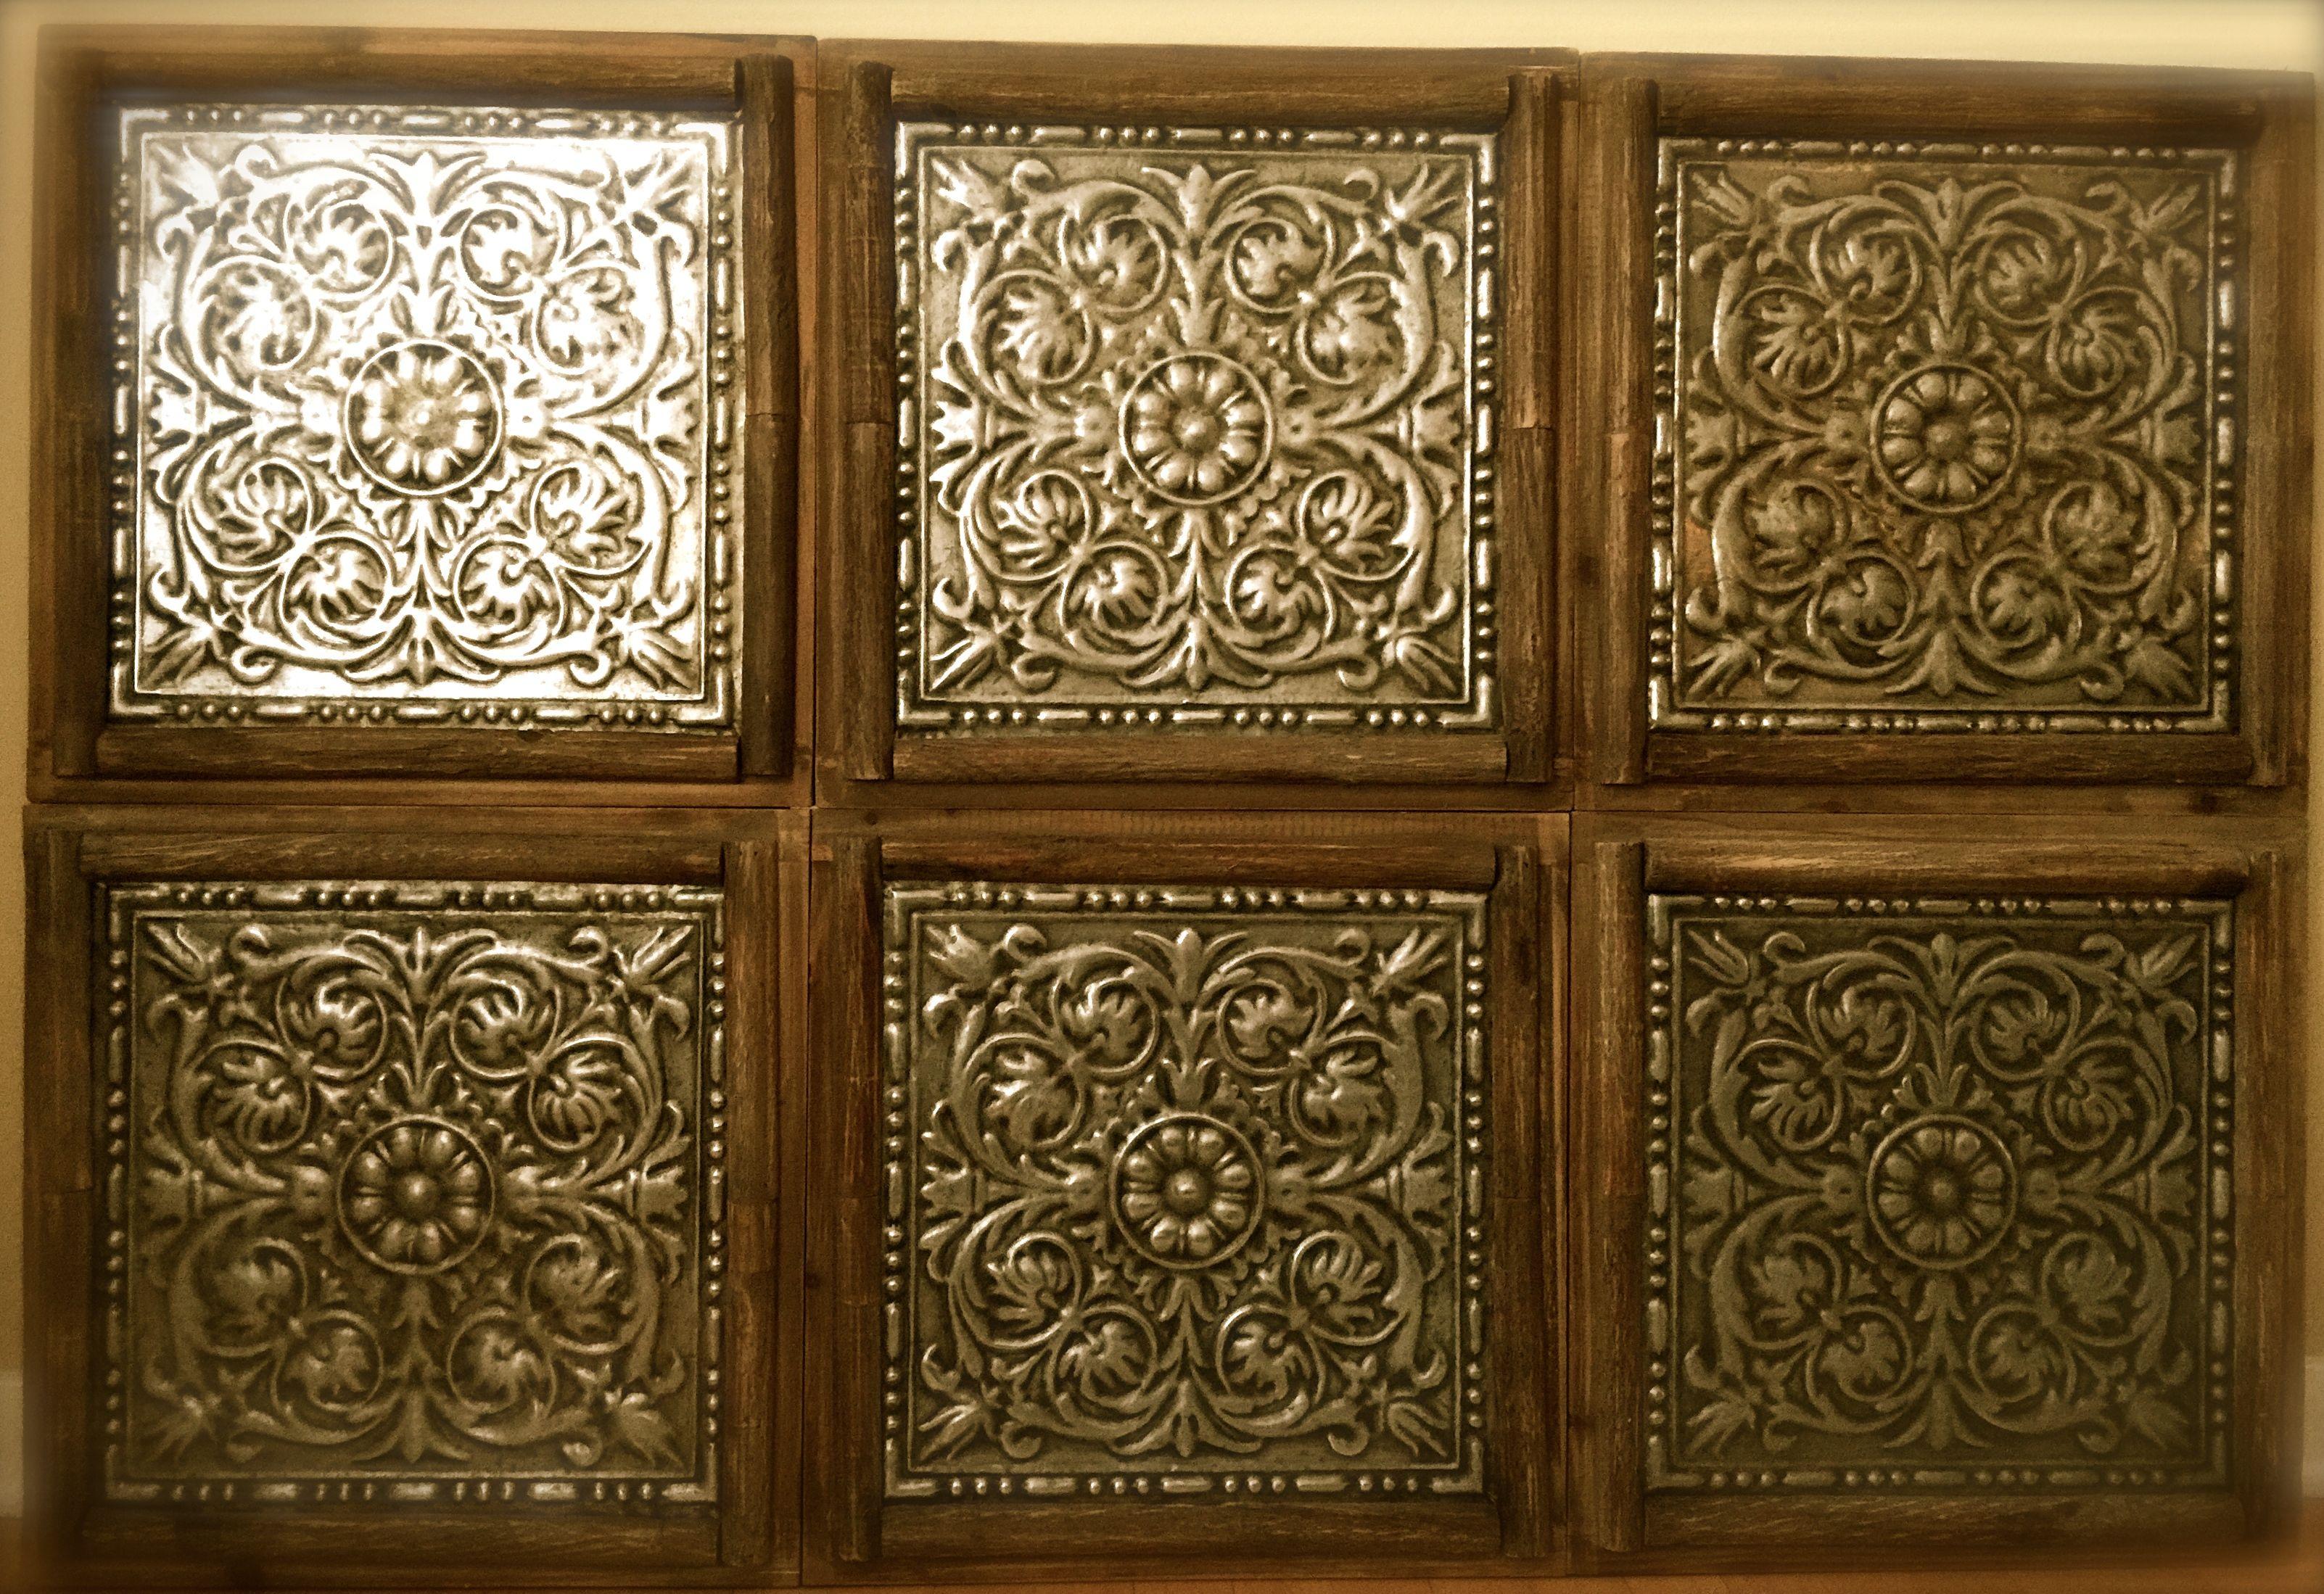 Ceiling Tile Wall Art Design Pinterest Ceiling Tiles